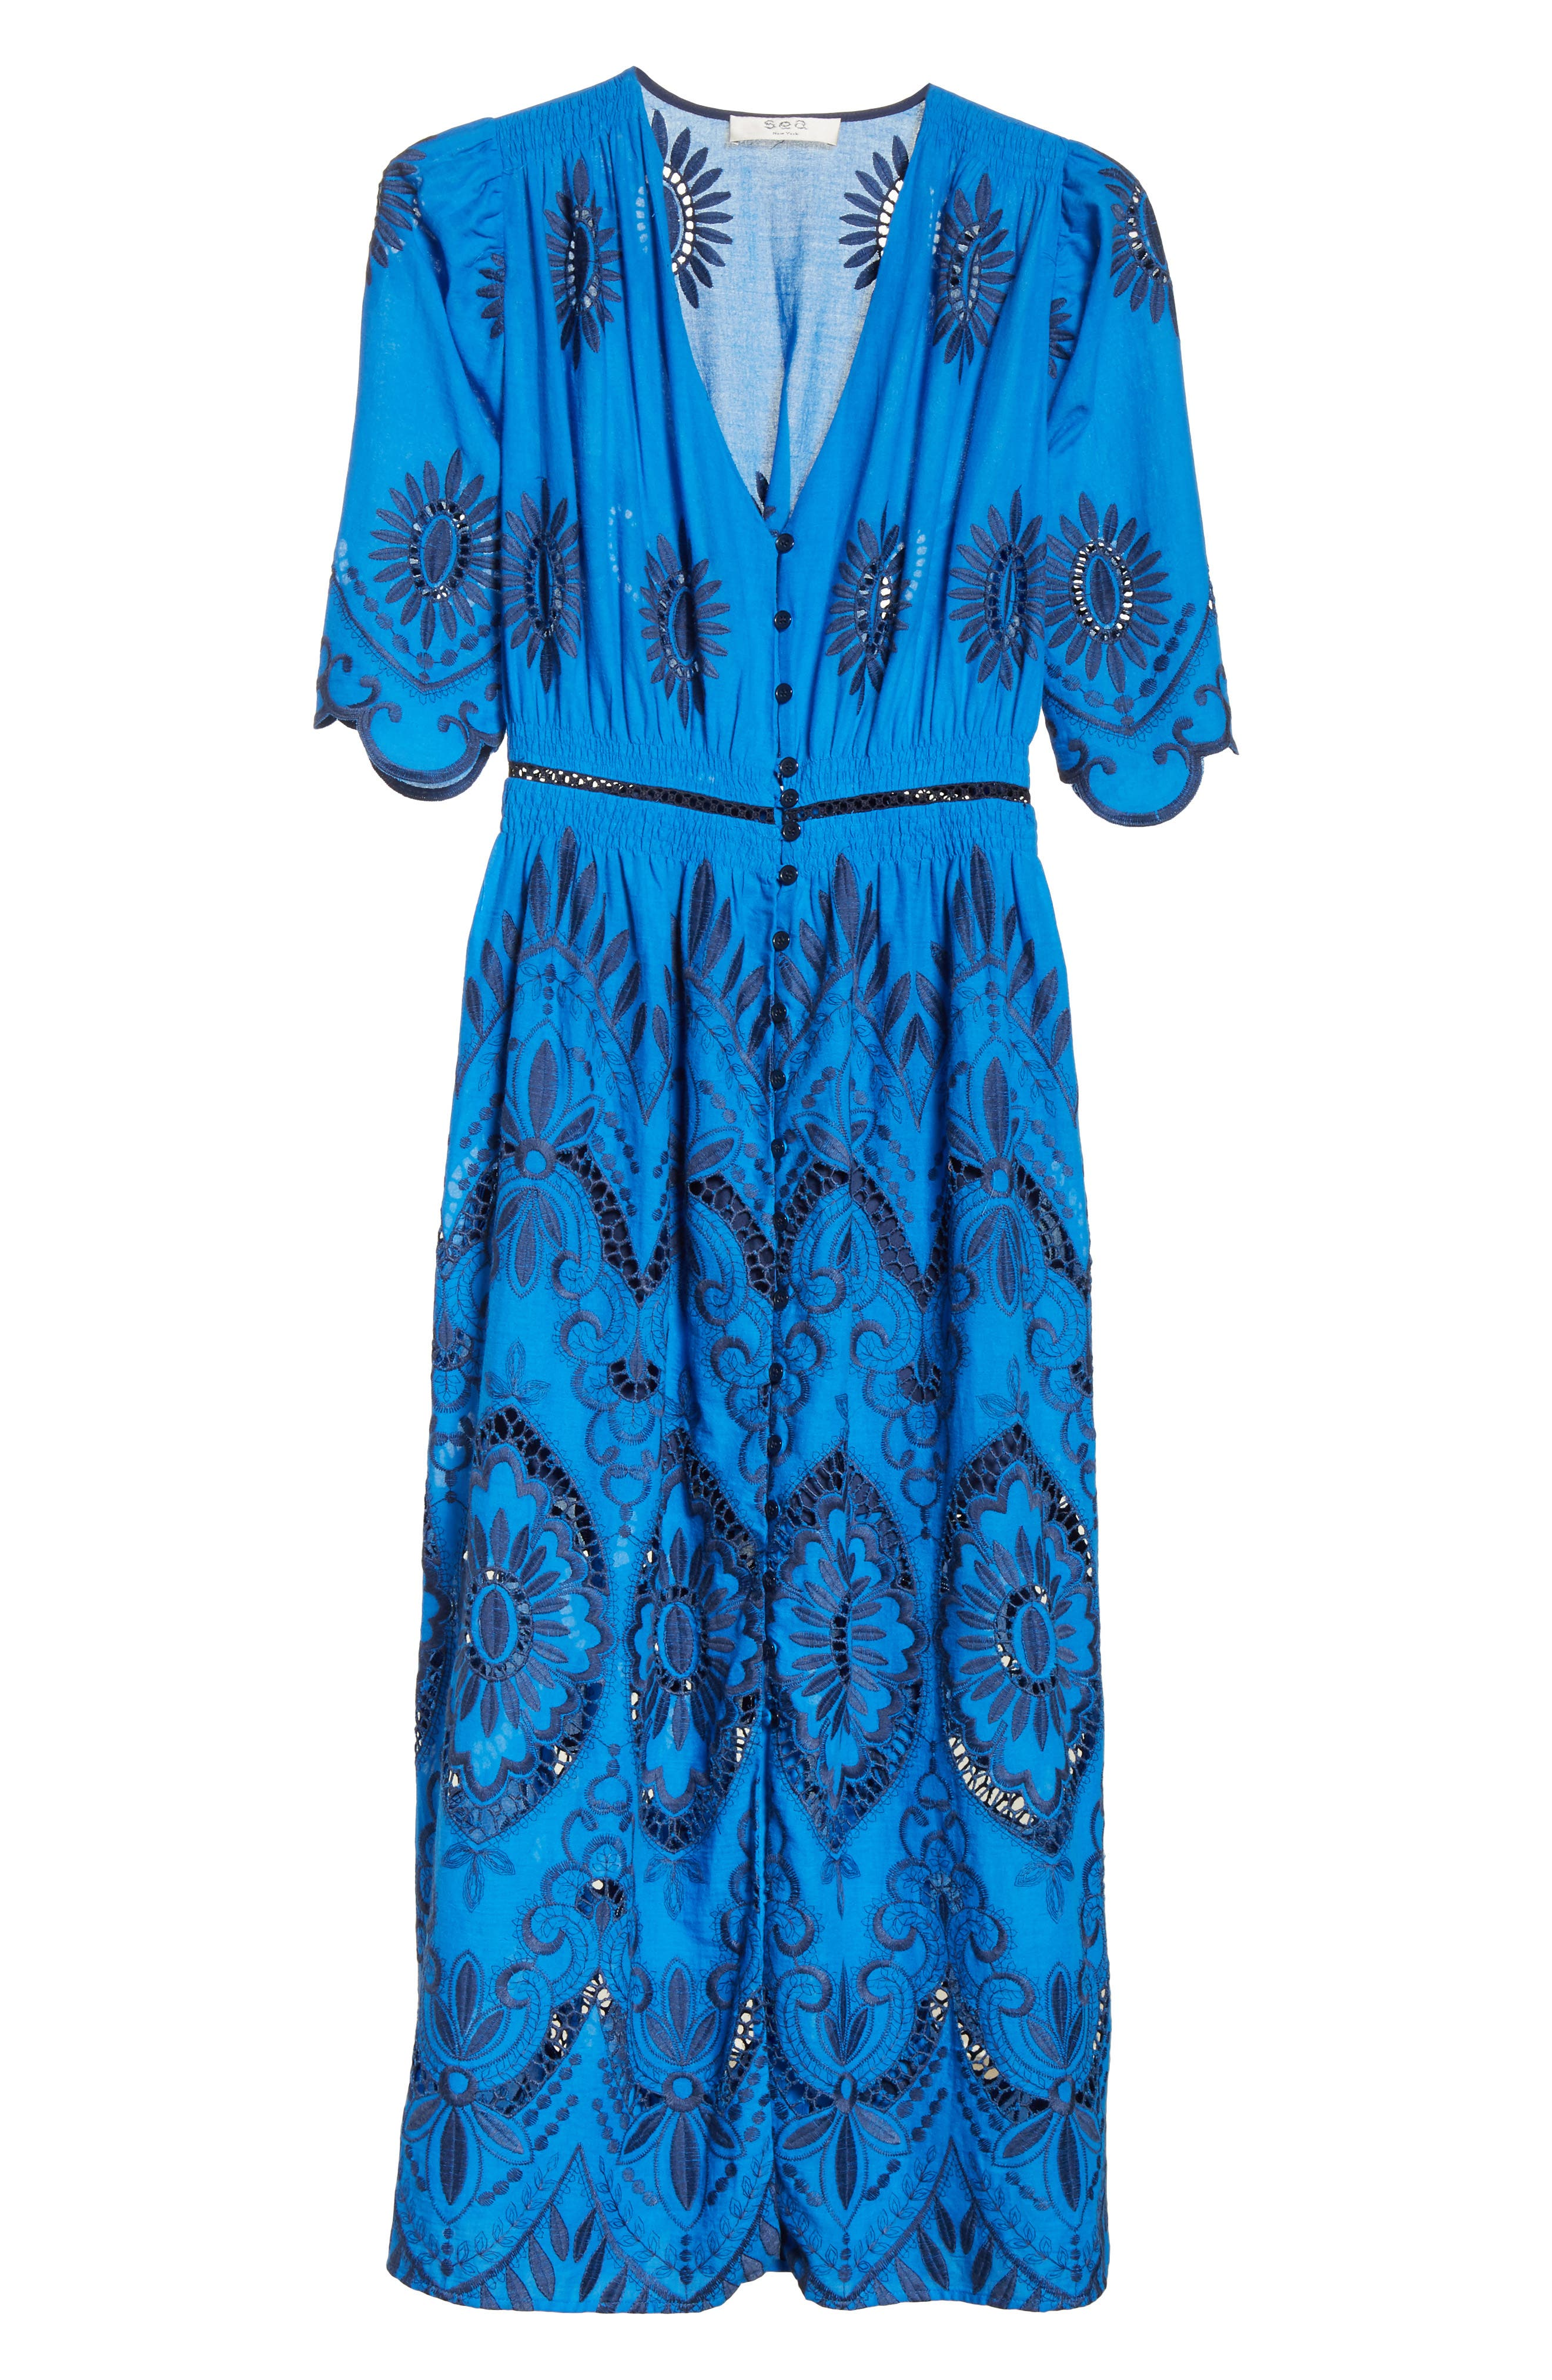 Cotton Eyelet Maxi Dress,                             Alternate thumbnail 6, color,                             Blue/ Navy